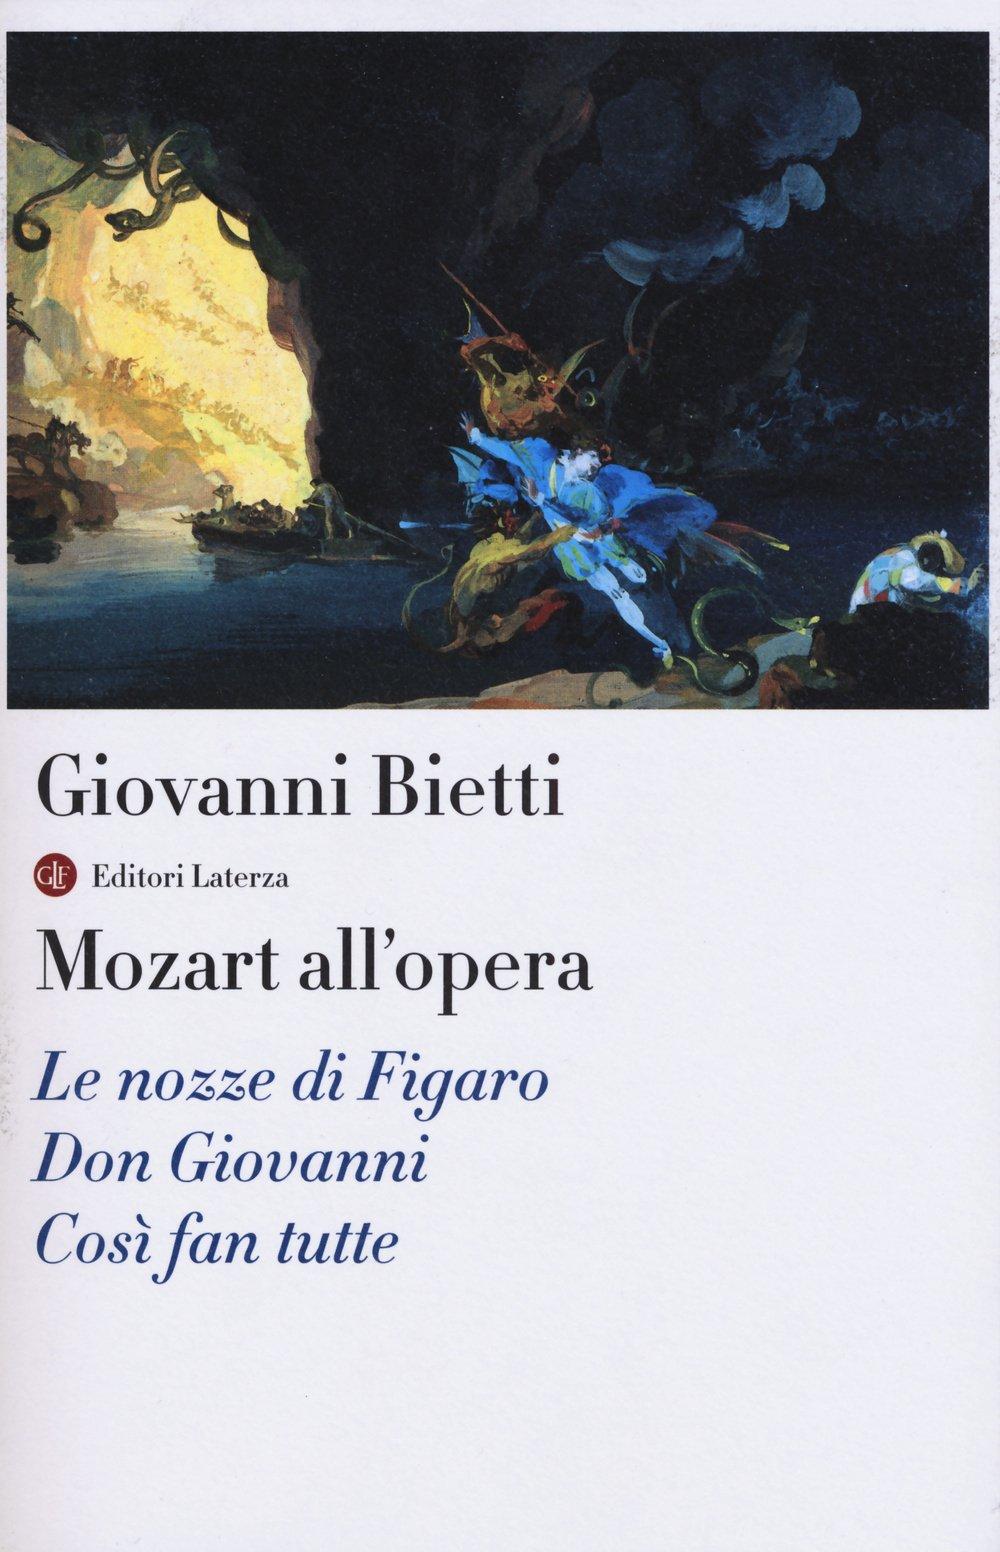 Giovanni Bietti